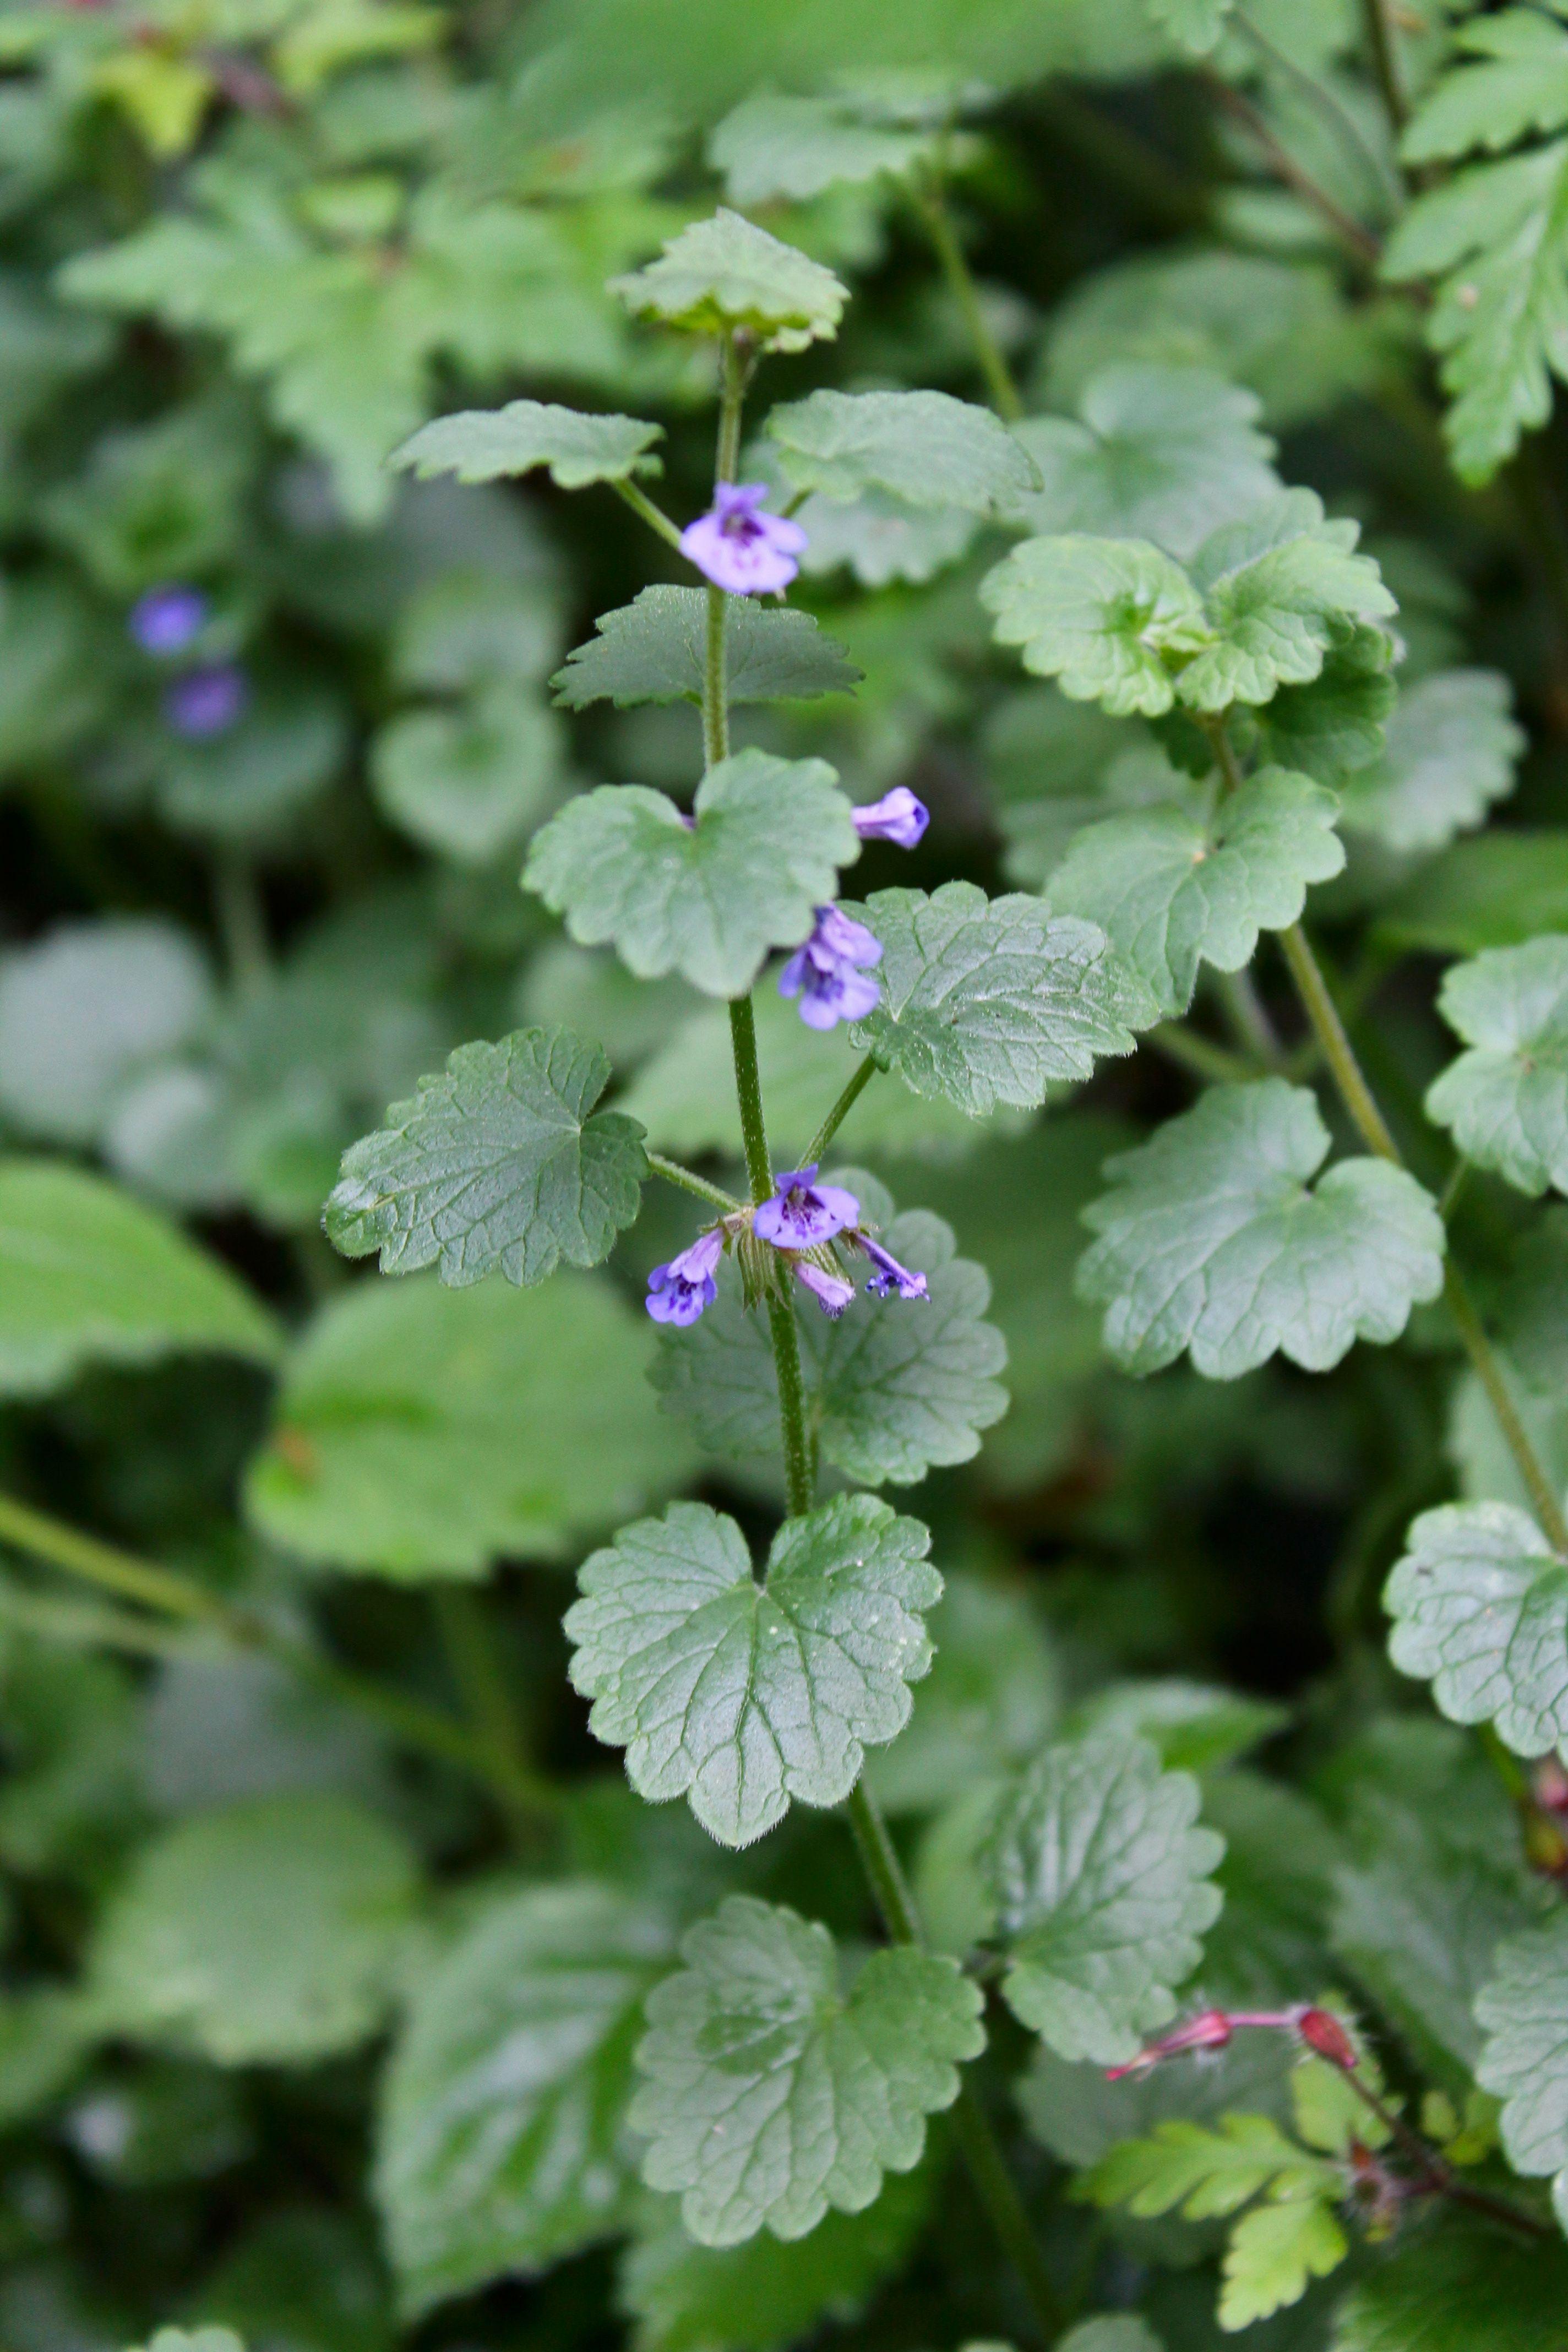 Super Essbare Wildpflanze: Gundermann | Garten | Kräuter, Gesunde &SG_59